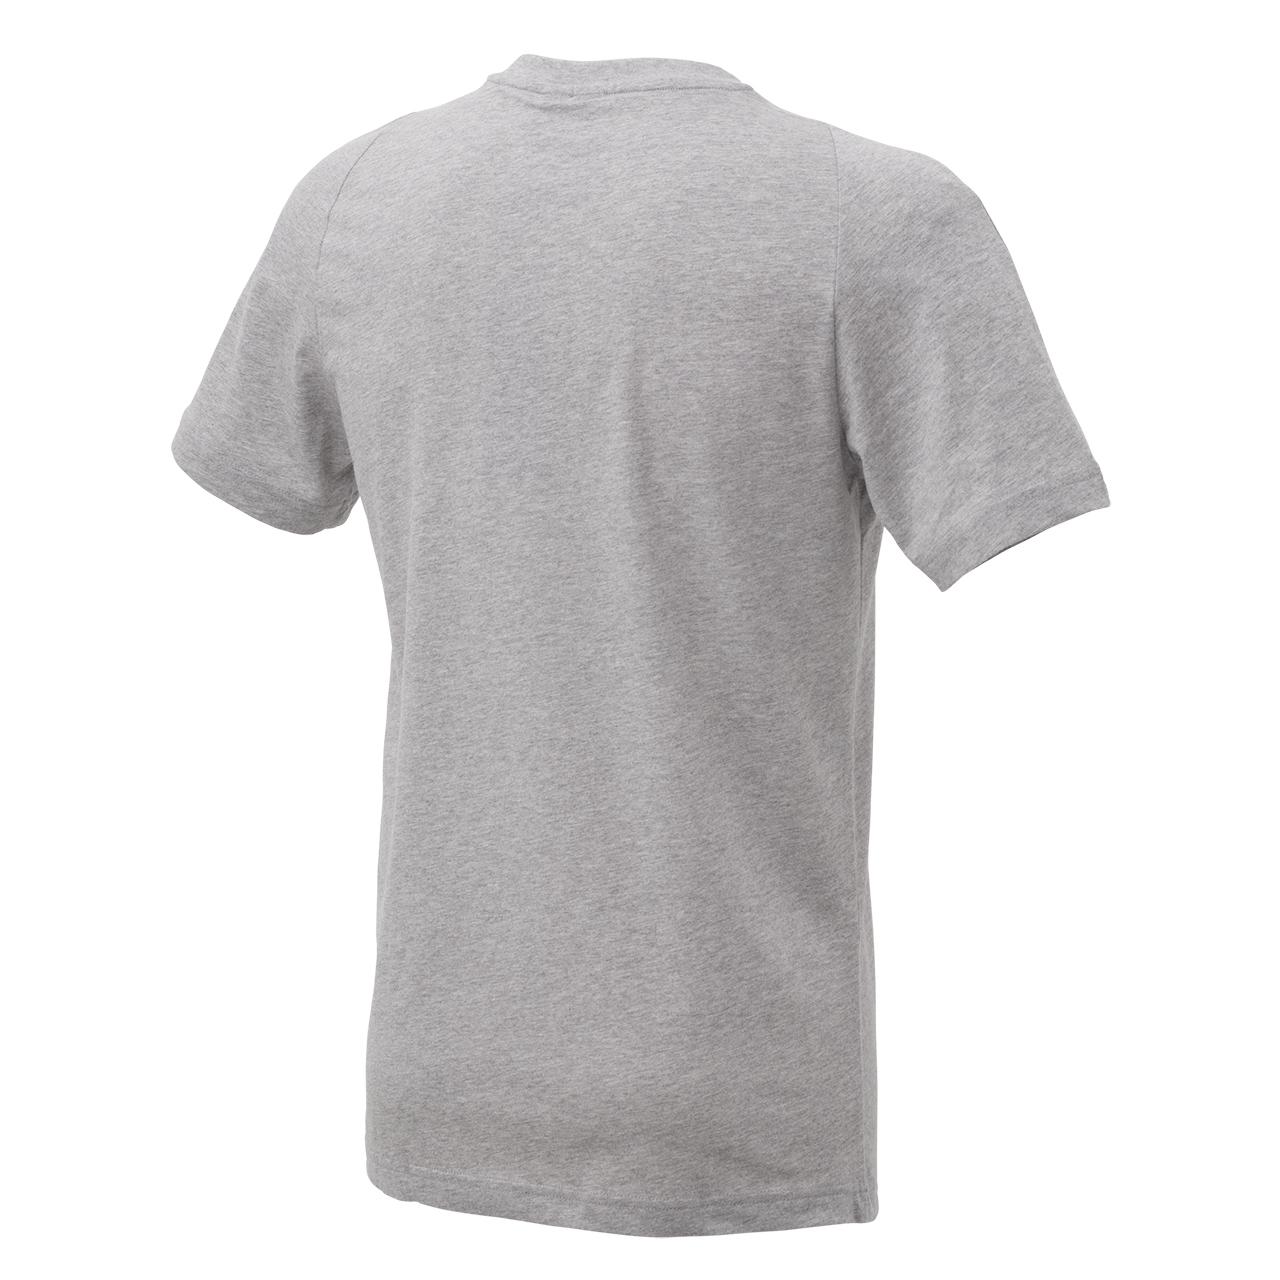 Adidas T-Shirt mit Logo, grau/petrol